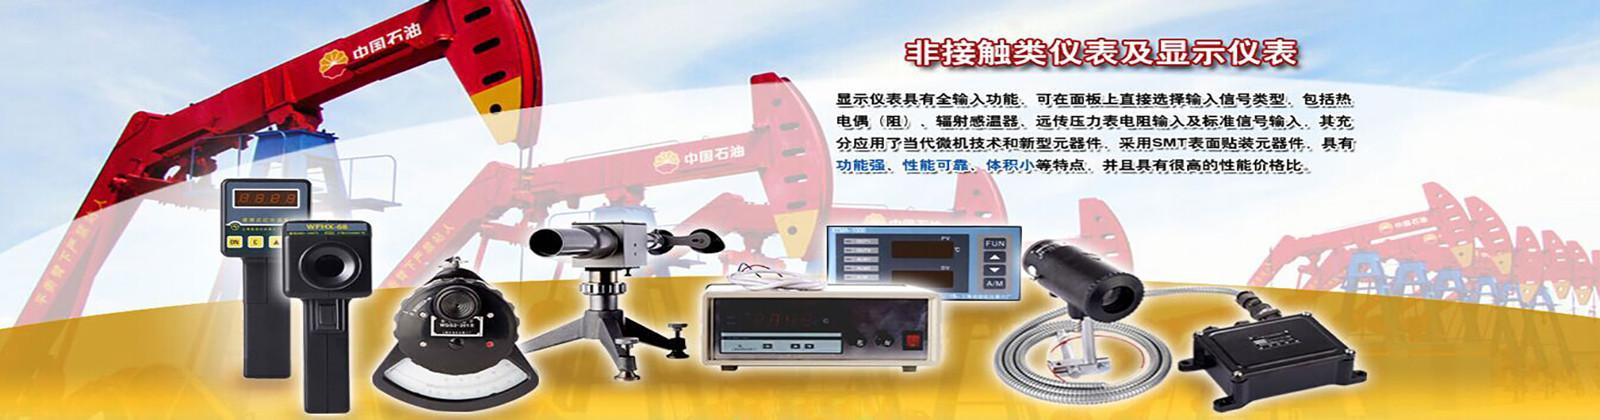 上海自動化儀表三廠